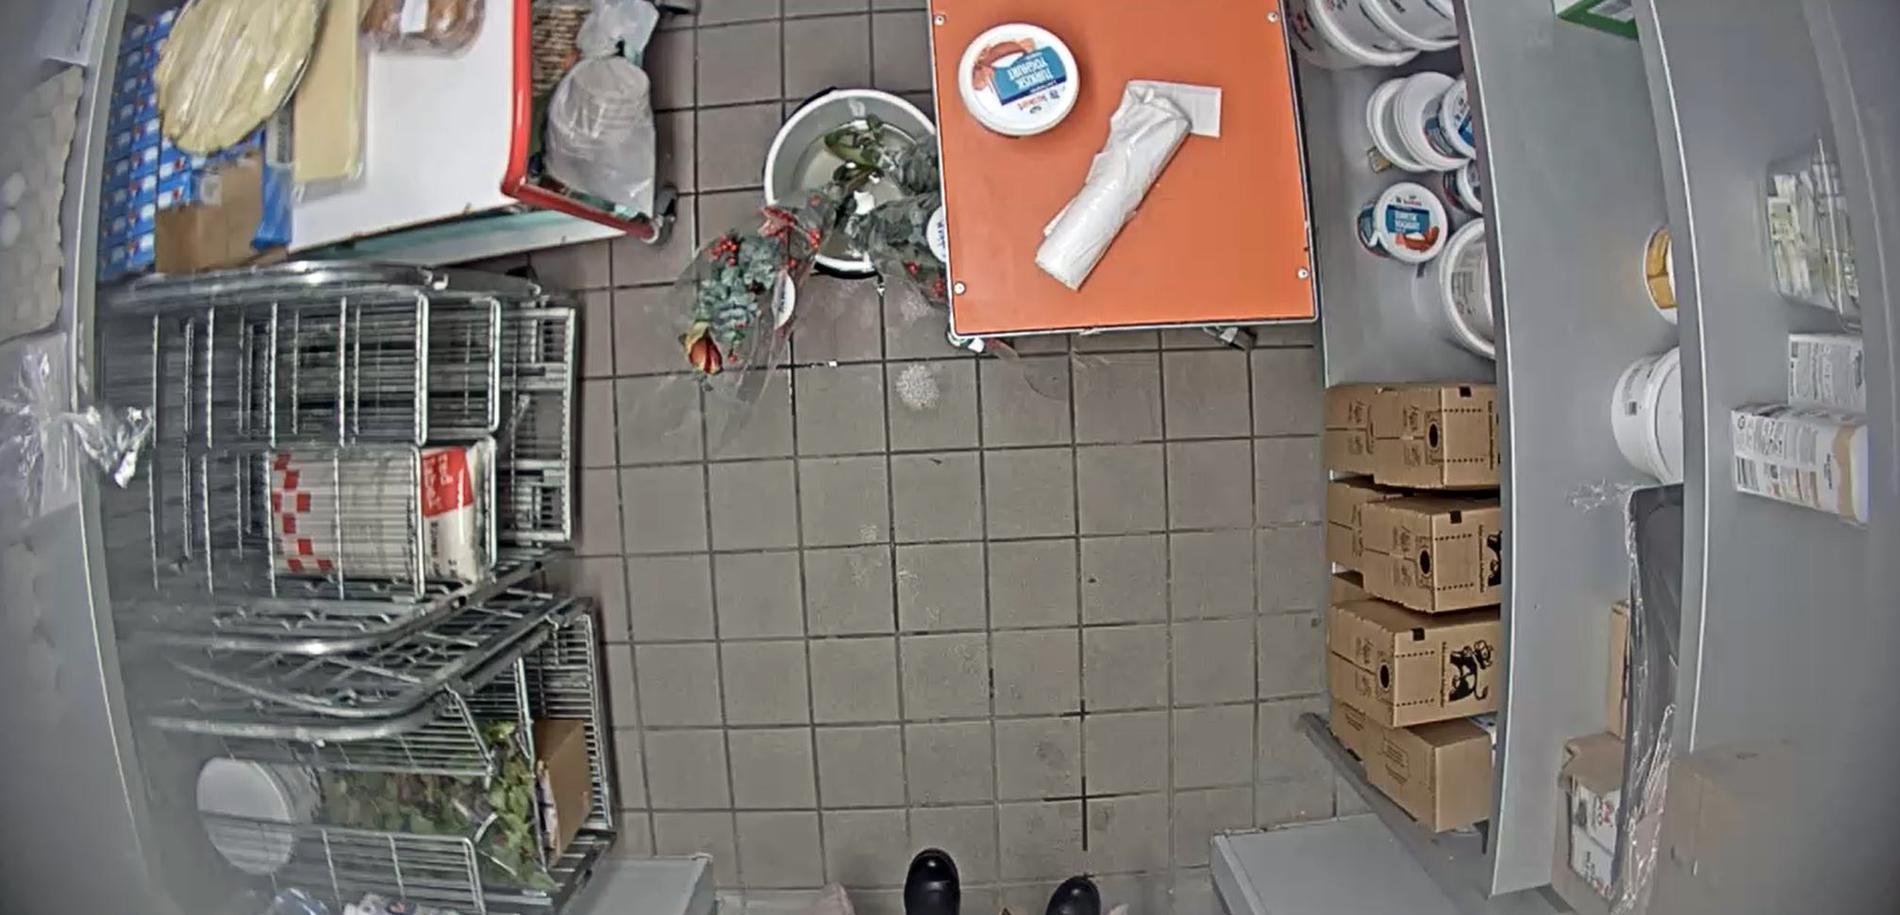 Enligt facket Kommunal kan övervakningen strida mot reglerna, då personalen inte informerades och det inte sattes upp skyltar i köket.